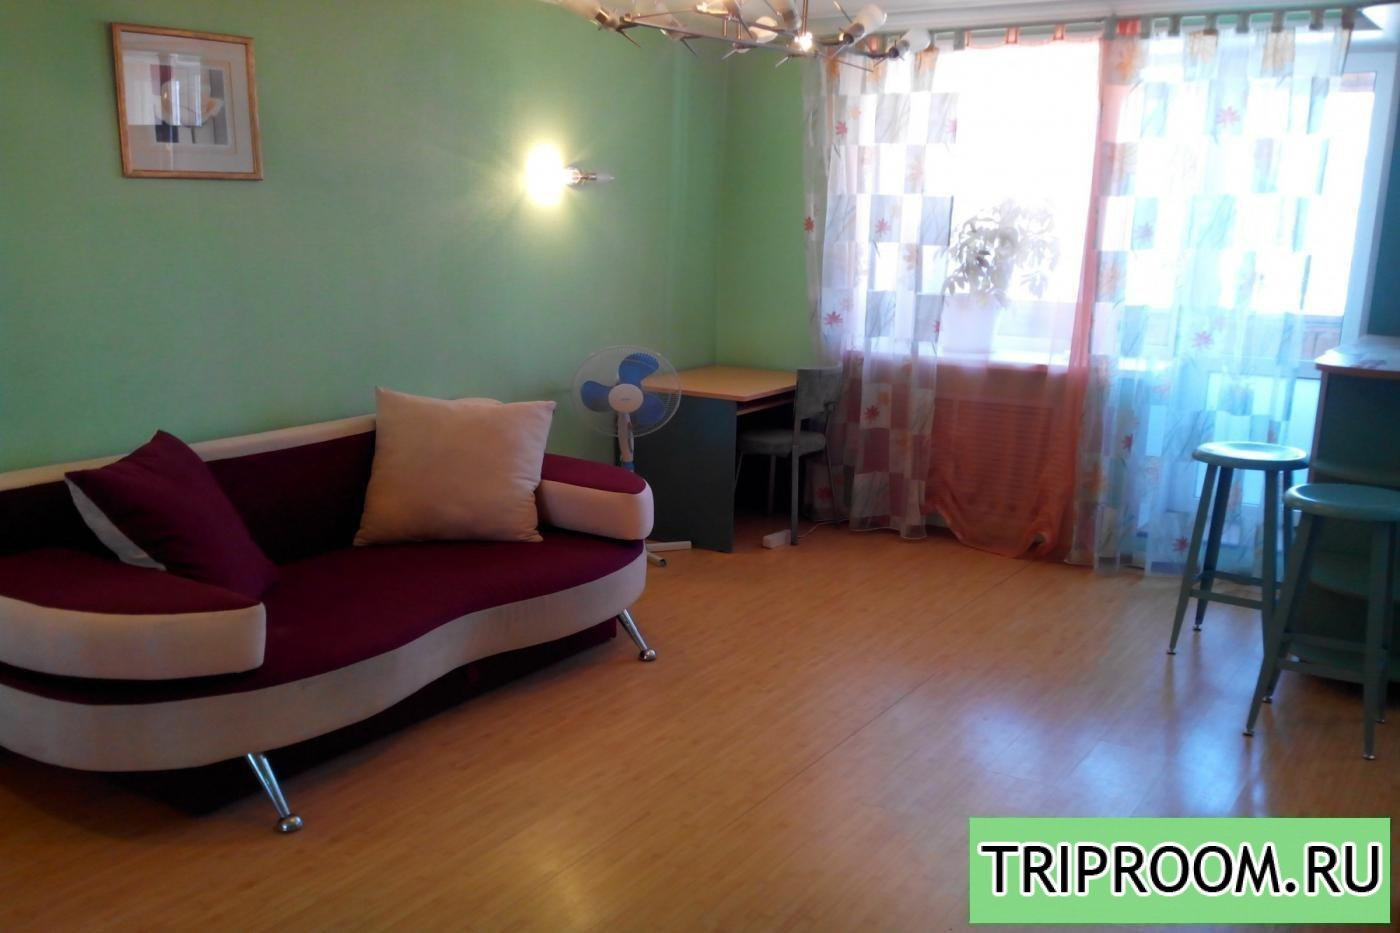 1-комнатная квартира посуточно (вариант № 8940), ул. Советская улица, фото № 2